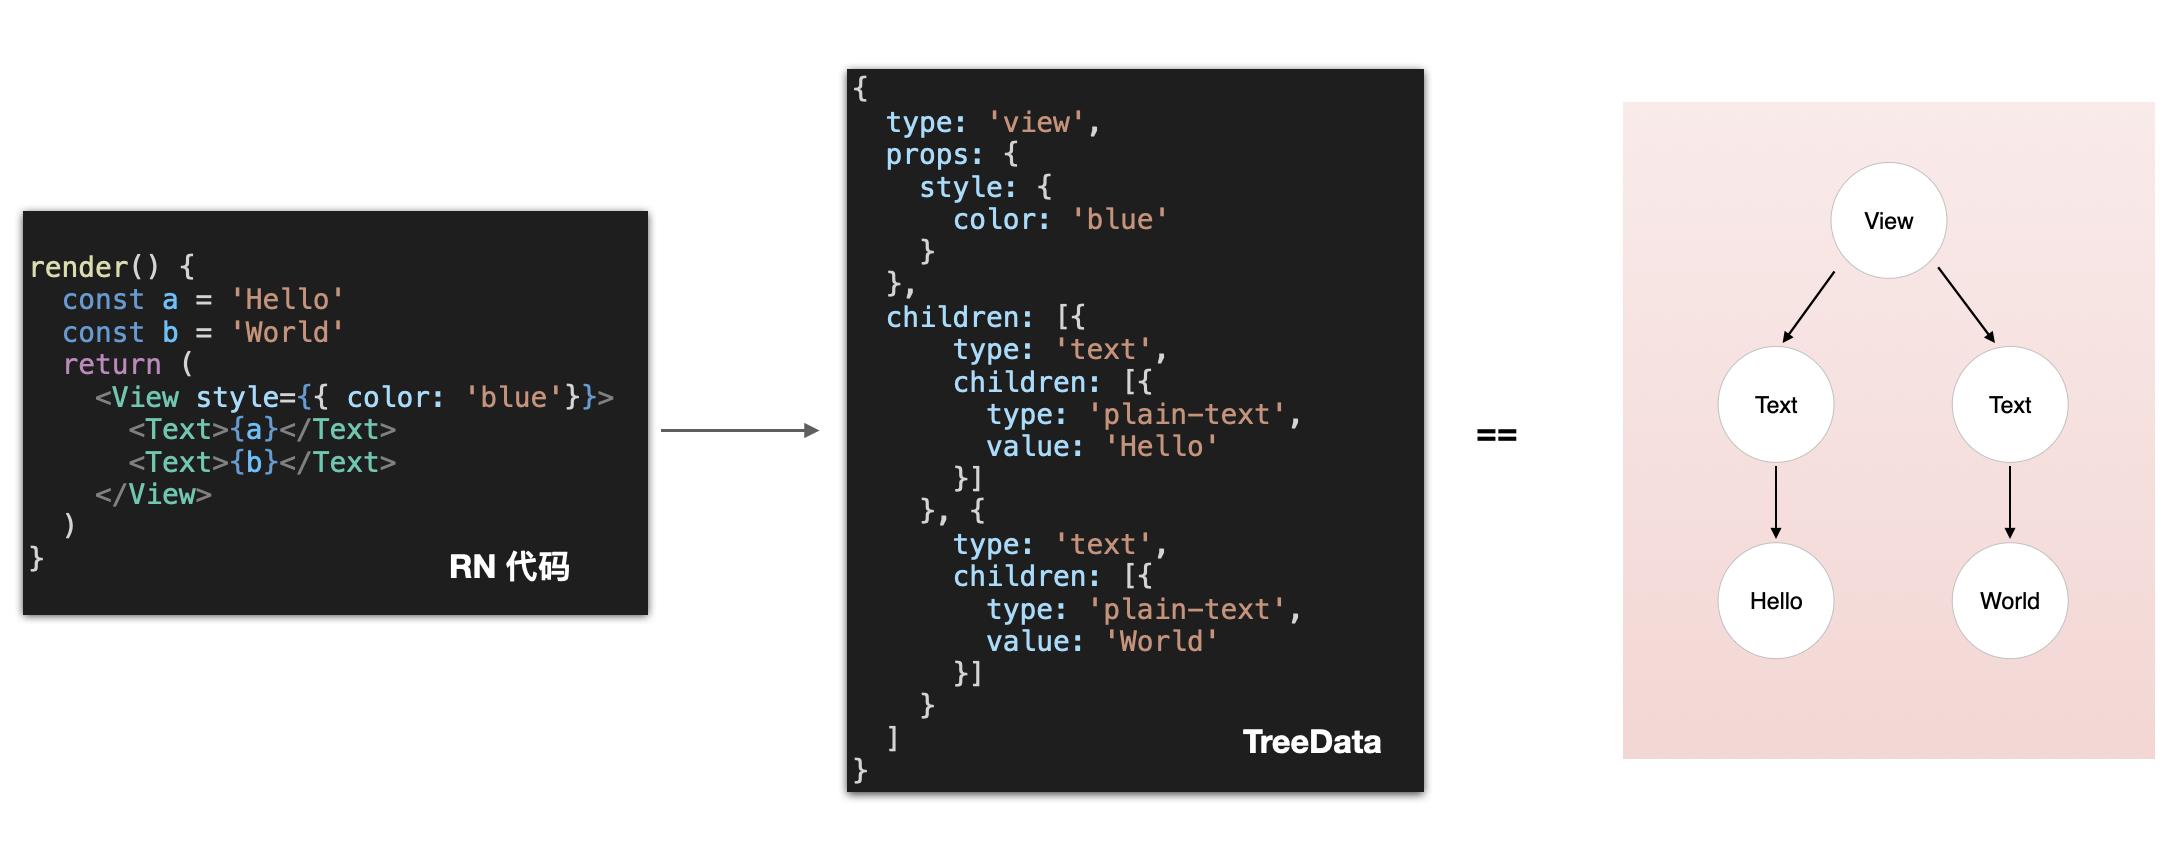 图3 RN代码转换TreeData示例图